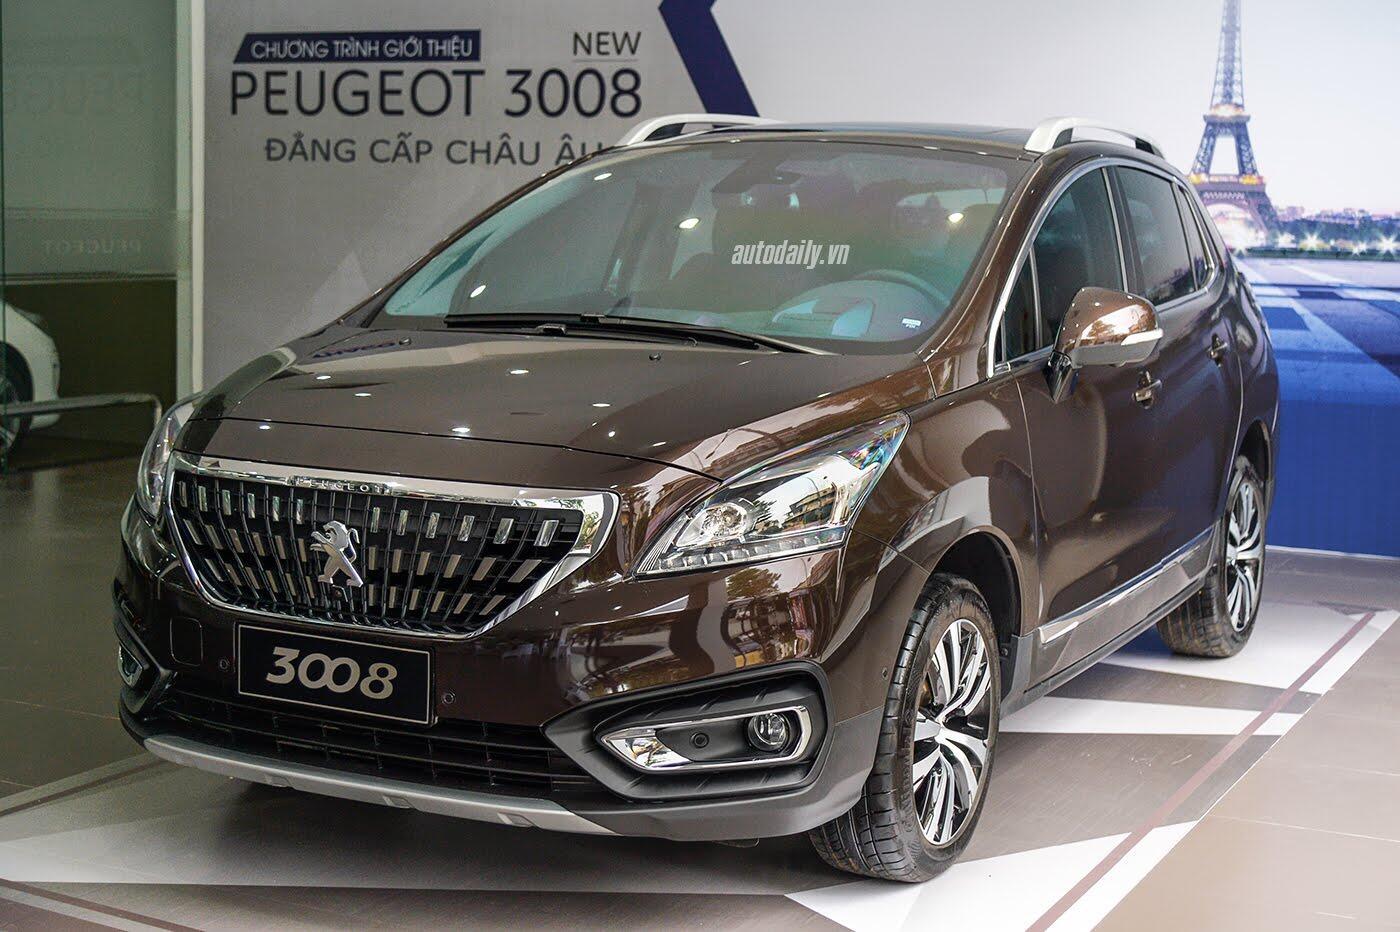 Cận cảnh Peugeot 3008 bản nâng cấp vừa ra mắt tại Việt Nam - Hình 1